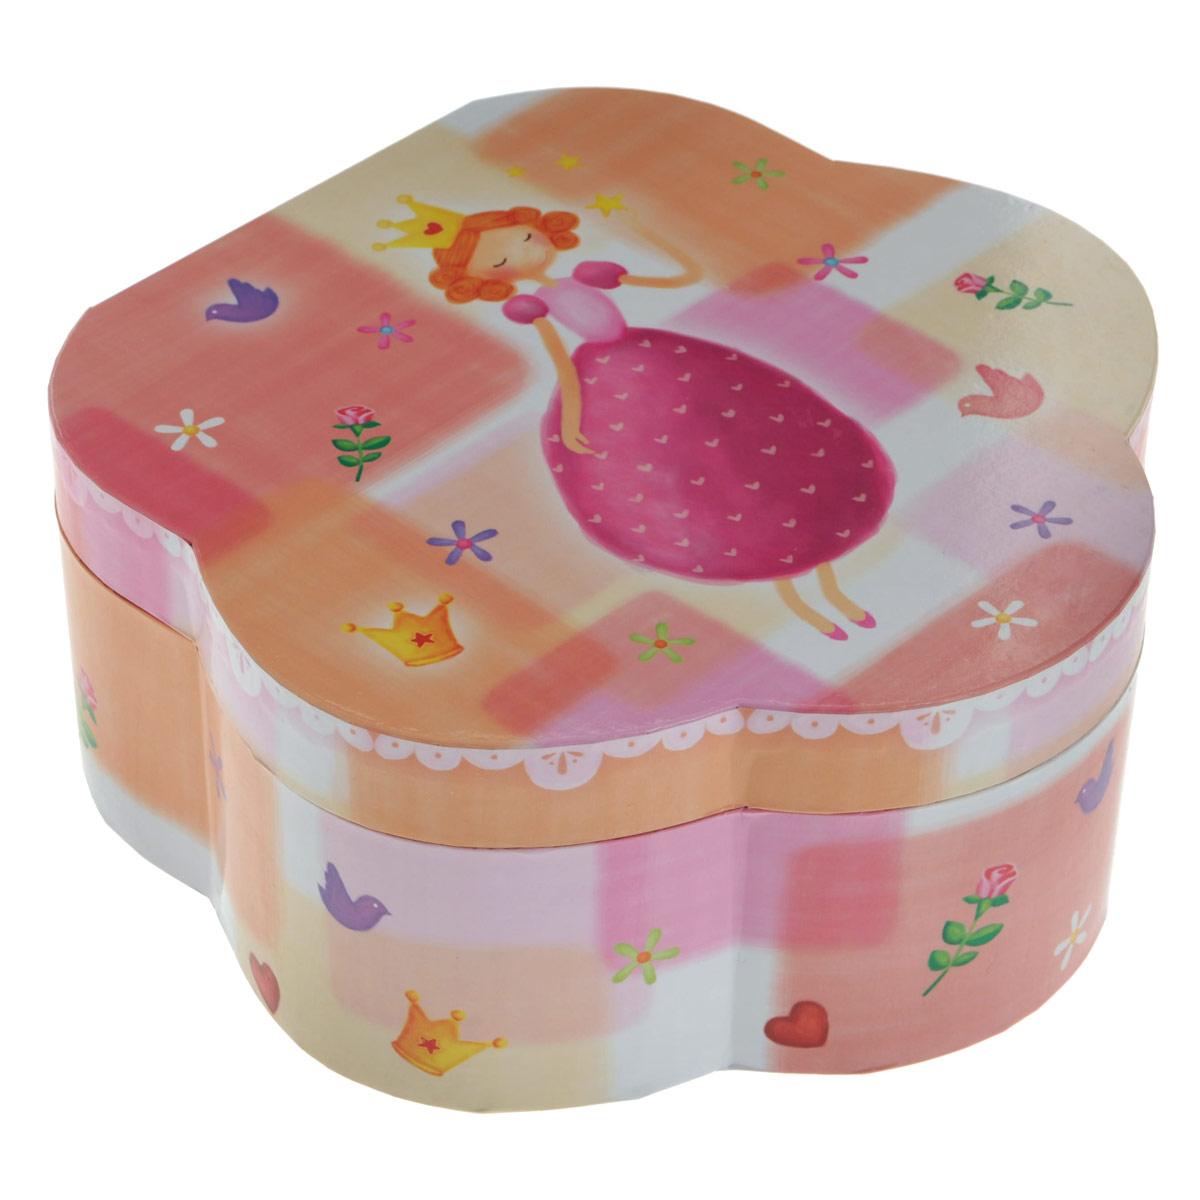 Музыкальная шкатулка в форме цветка Принцесса58000_3_принцессаЧудесная музыкальная шкатулка Принцесса станет великолепным подарком для вашей маленькой красавицы, а ее сказочный мотив создаст поистине волшебное настроение. Малышка сможет хранить там мелкие вещи и свои секреты. Выполненная из дерева в форме цветка с глянцевым бумажным покрытием, шкатулка оформлена красочными изображениями цветов, птичек, сердечек и великолепной девочки-принцессы. Внутри шкатулки одно отделение с двумя отсеками для хранения разнообразных вещиц и валиками для колец, зеркальце и пластиковая фигурка феи, которая при открывании крышки начинает плавно кружиться и играет приятная мелодия. Кроме того, шкатулка имеет металлический механический завод, внутренняя поверхность отделана нежно-розовым бархатистым материалом. Такая шкатулка станет чудесным подарком к любому празднику!